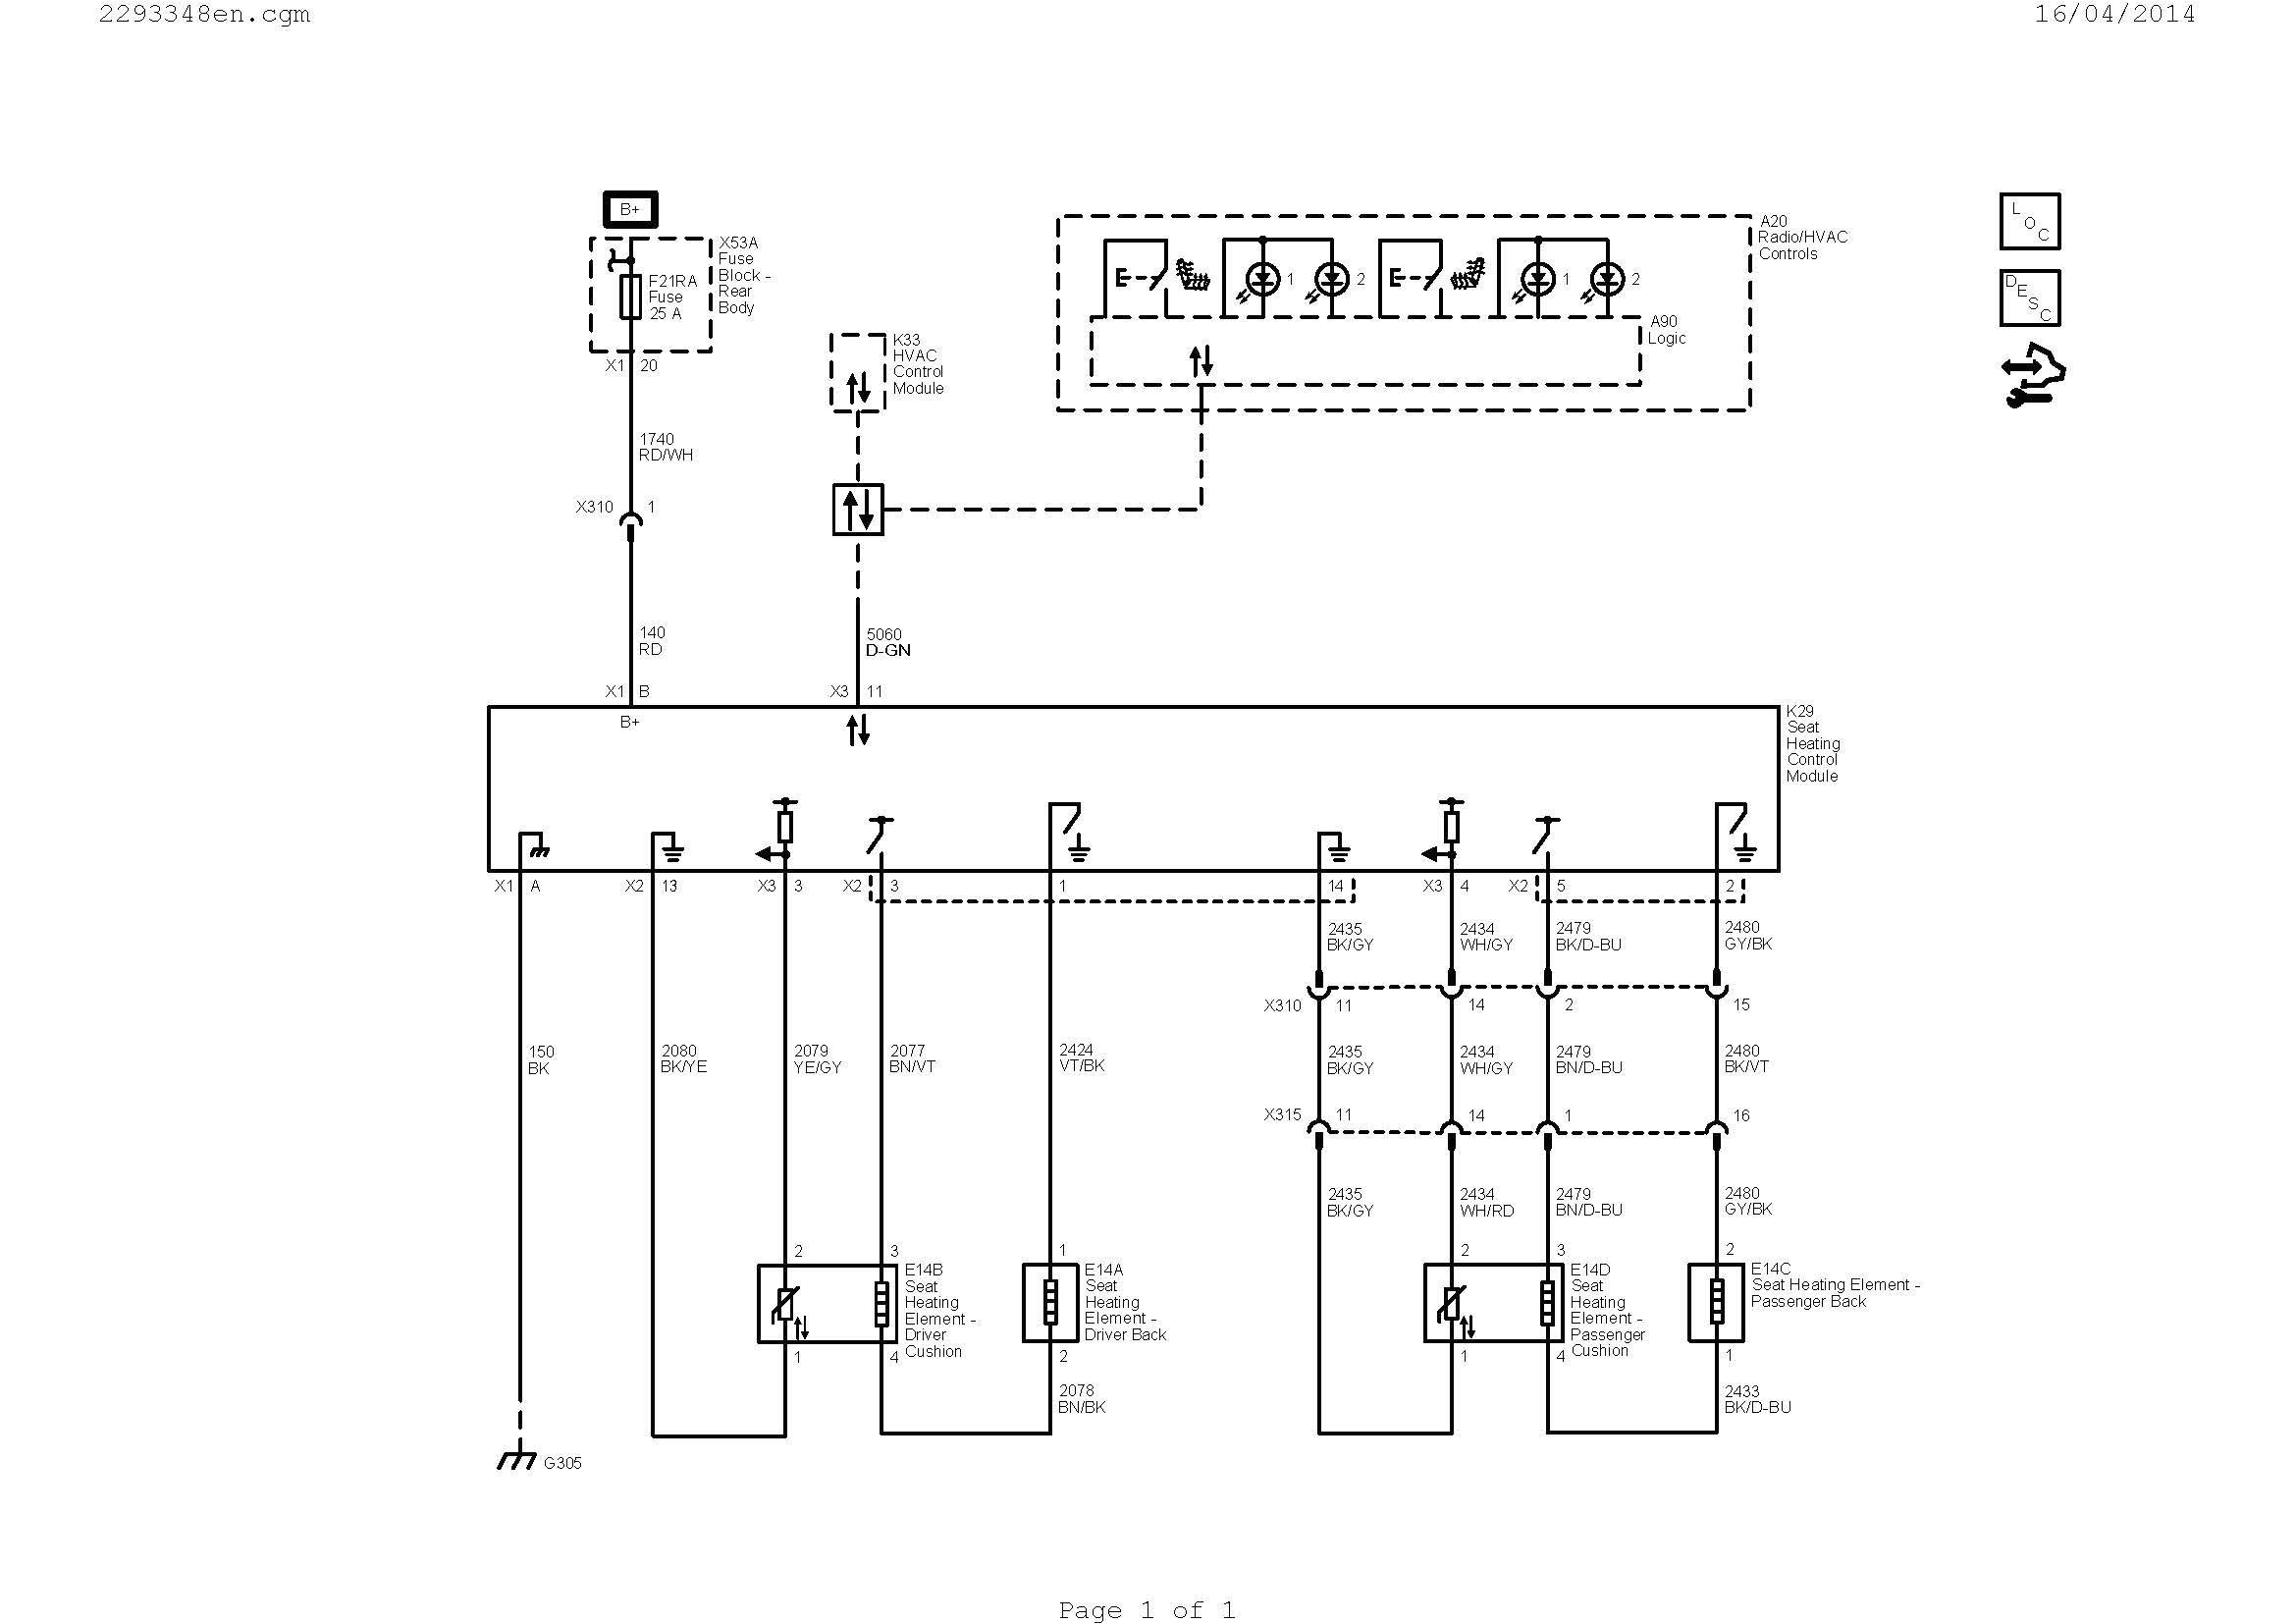 iid wiring diagram wiring diagram expert iid wiring diagram